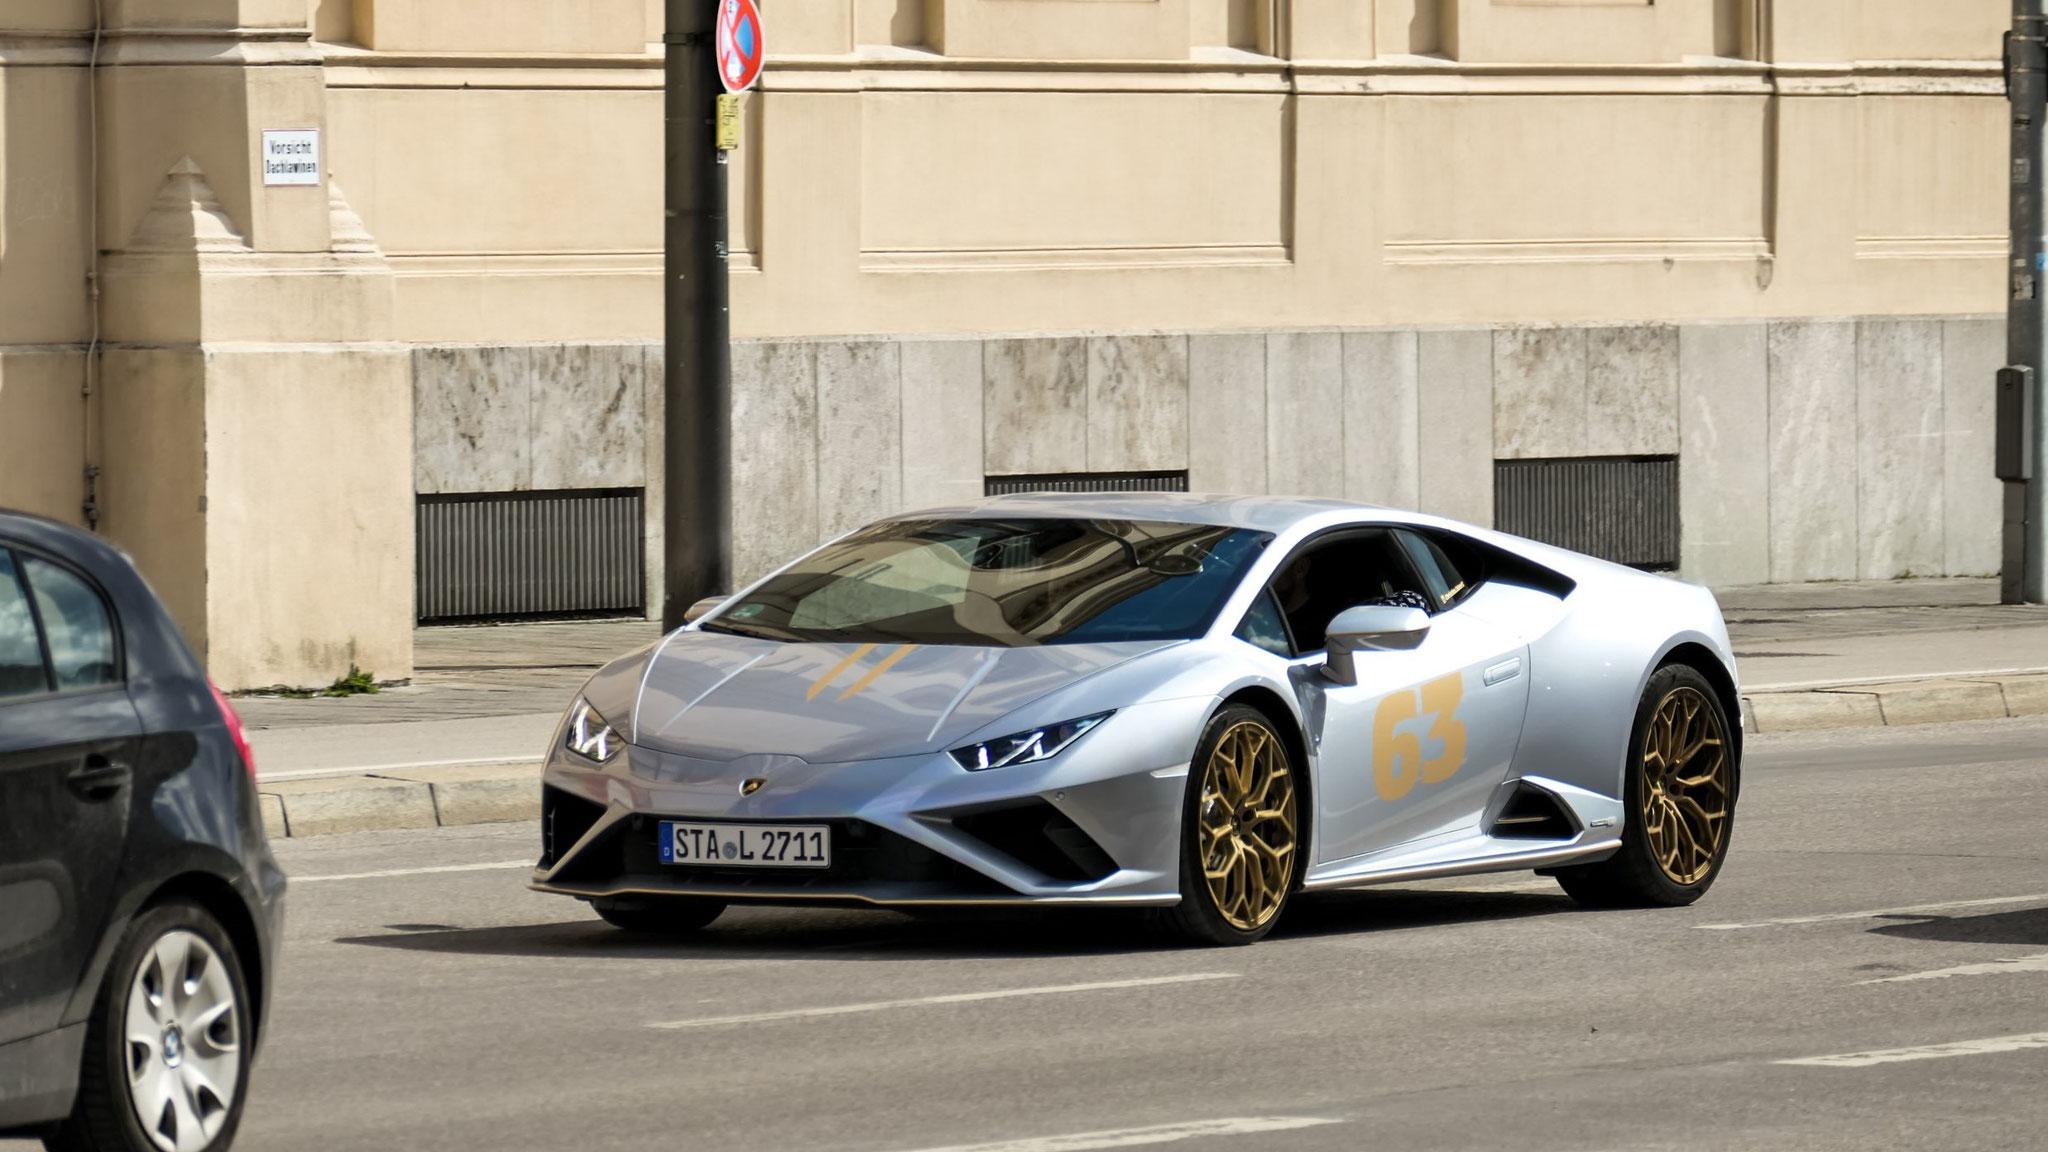 Lamborghini Huracan Evo RWD - STA-L-2711